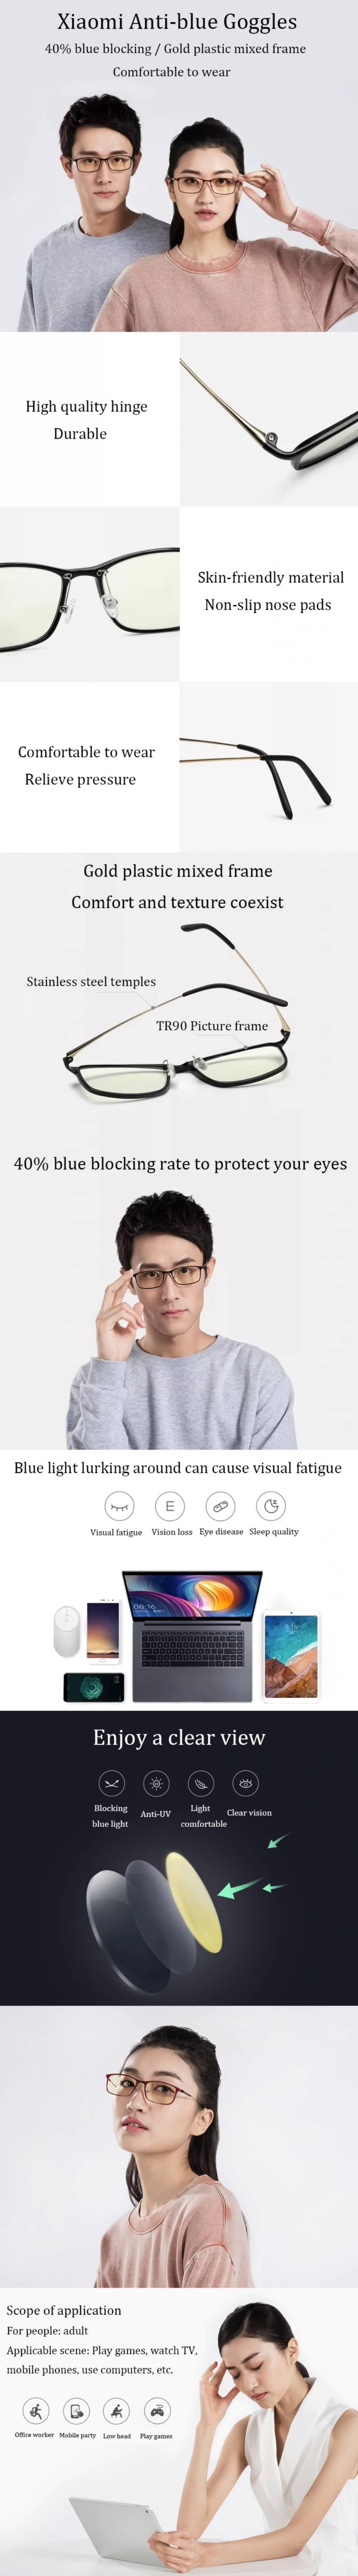 Xiaomi-Mi-Computer-Glassesaee792b55f21067f.jpg